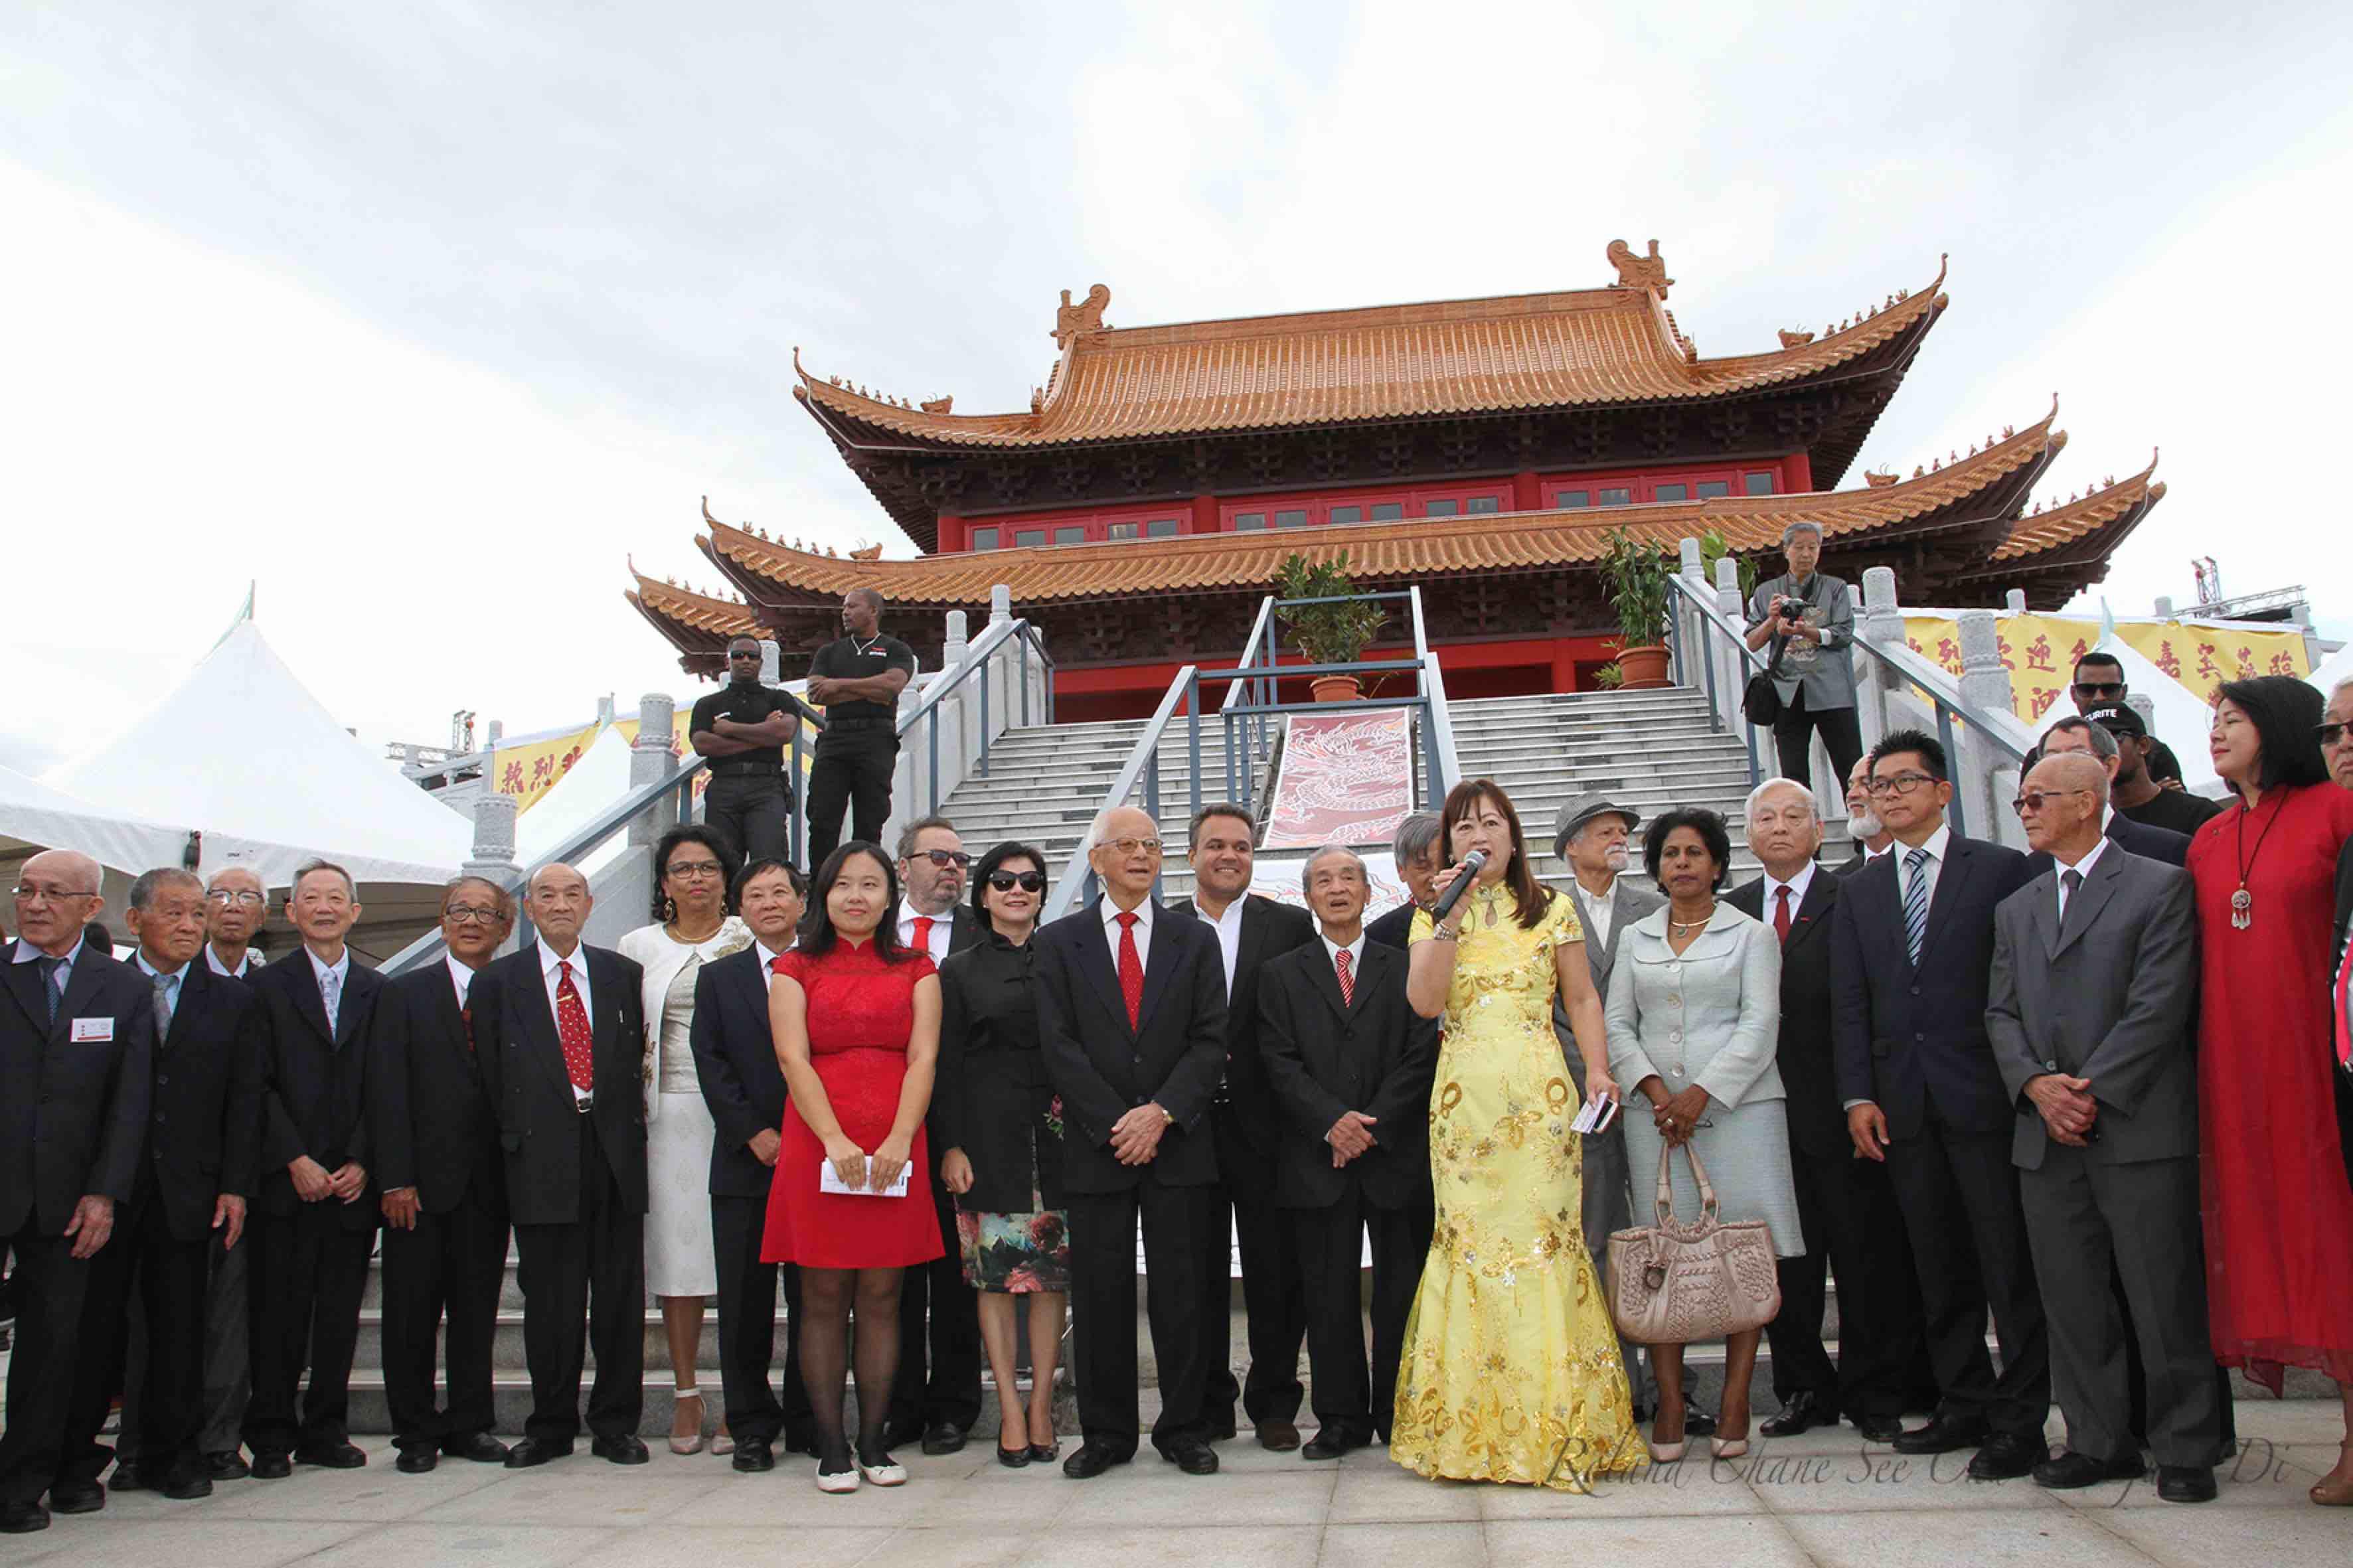 Chargée du protocole, Josette Chang-Kuw salue tous les invités qui vont ensuite monter les marches du temple